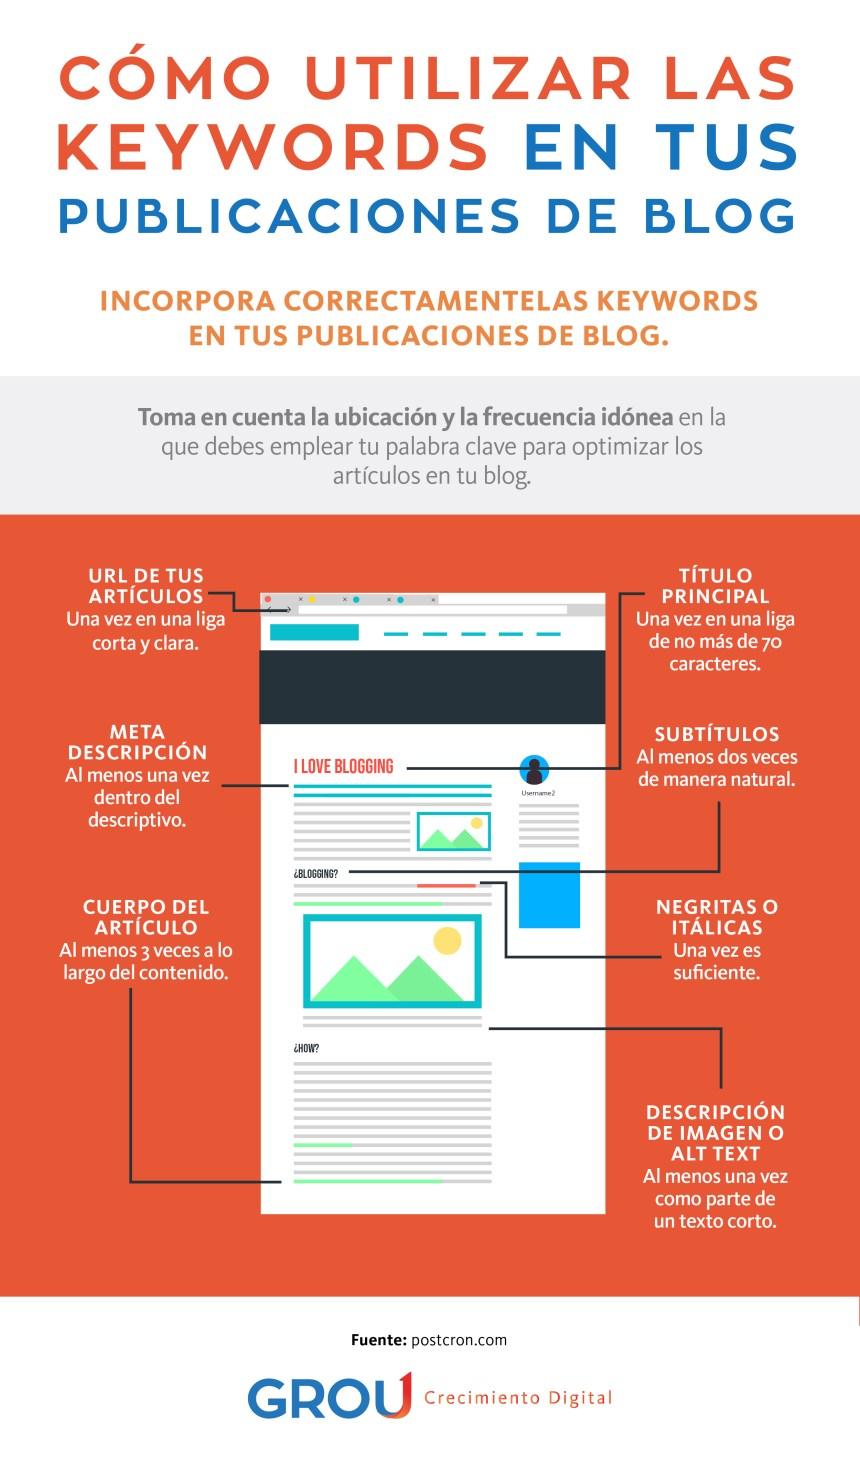 Cómo utilizar Keywords en las publicaciones del Blog